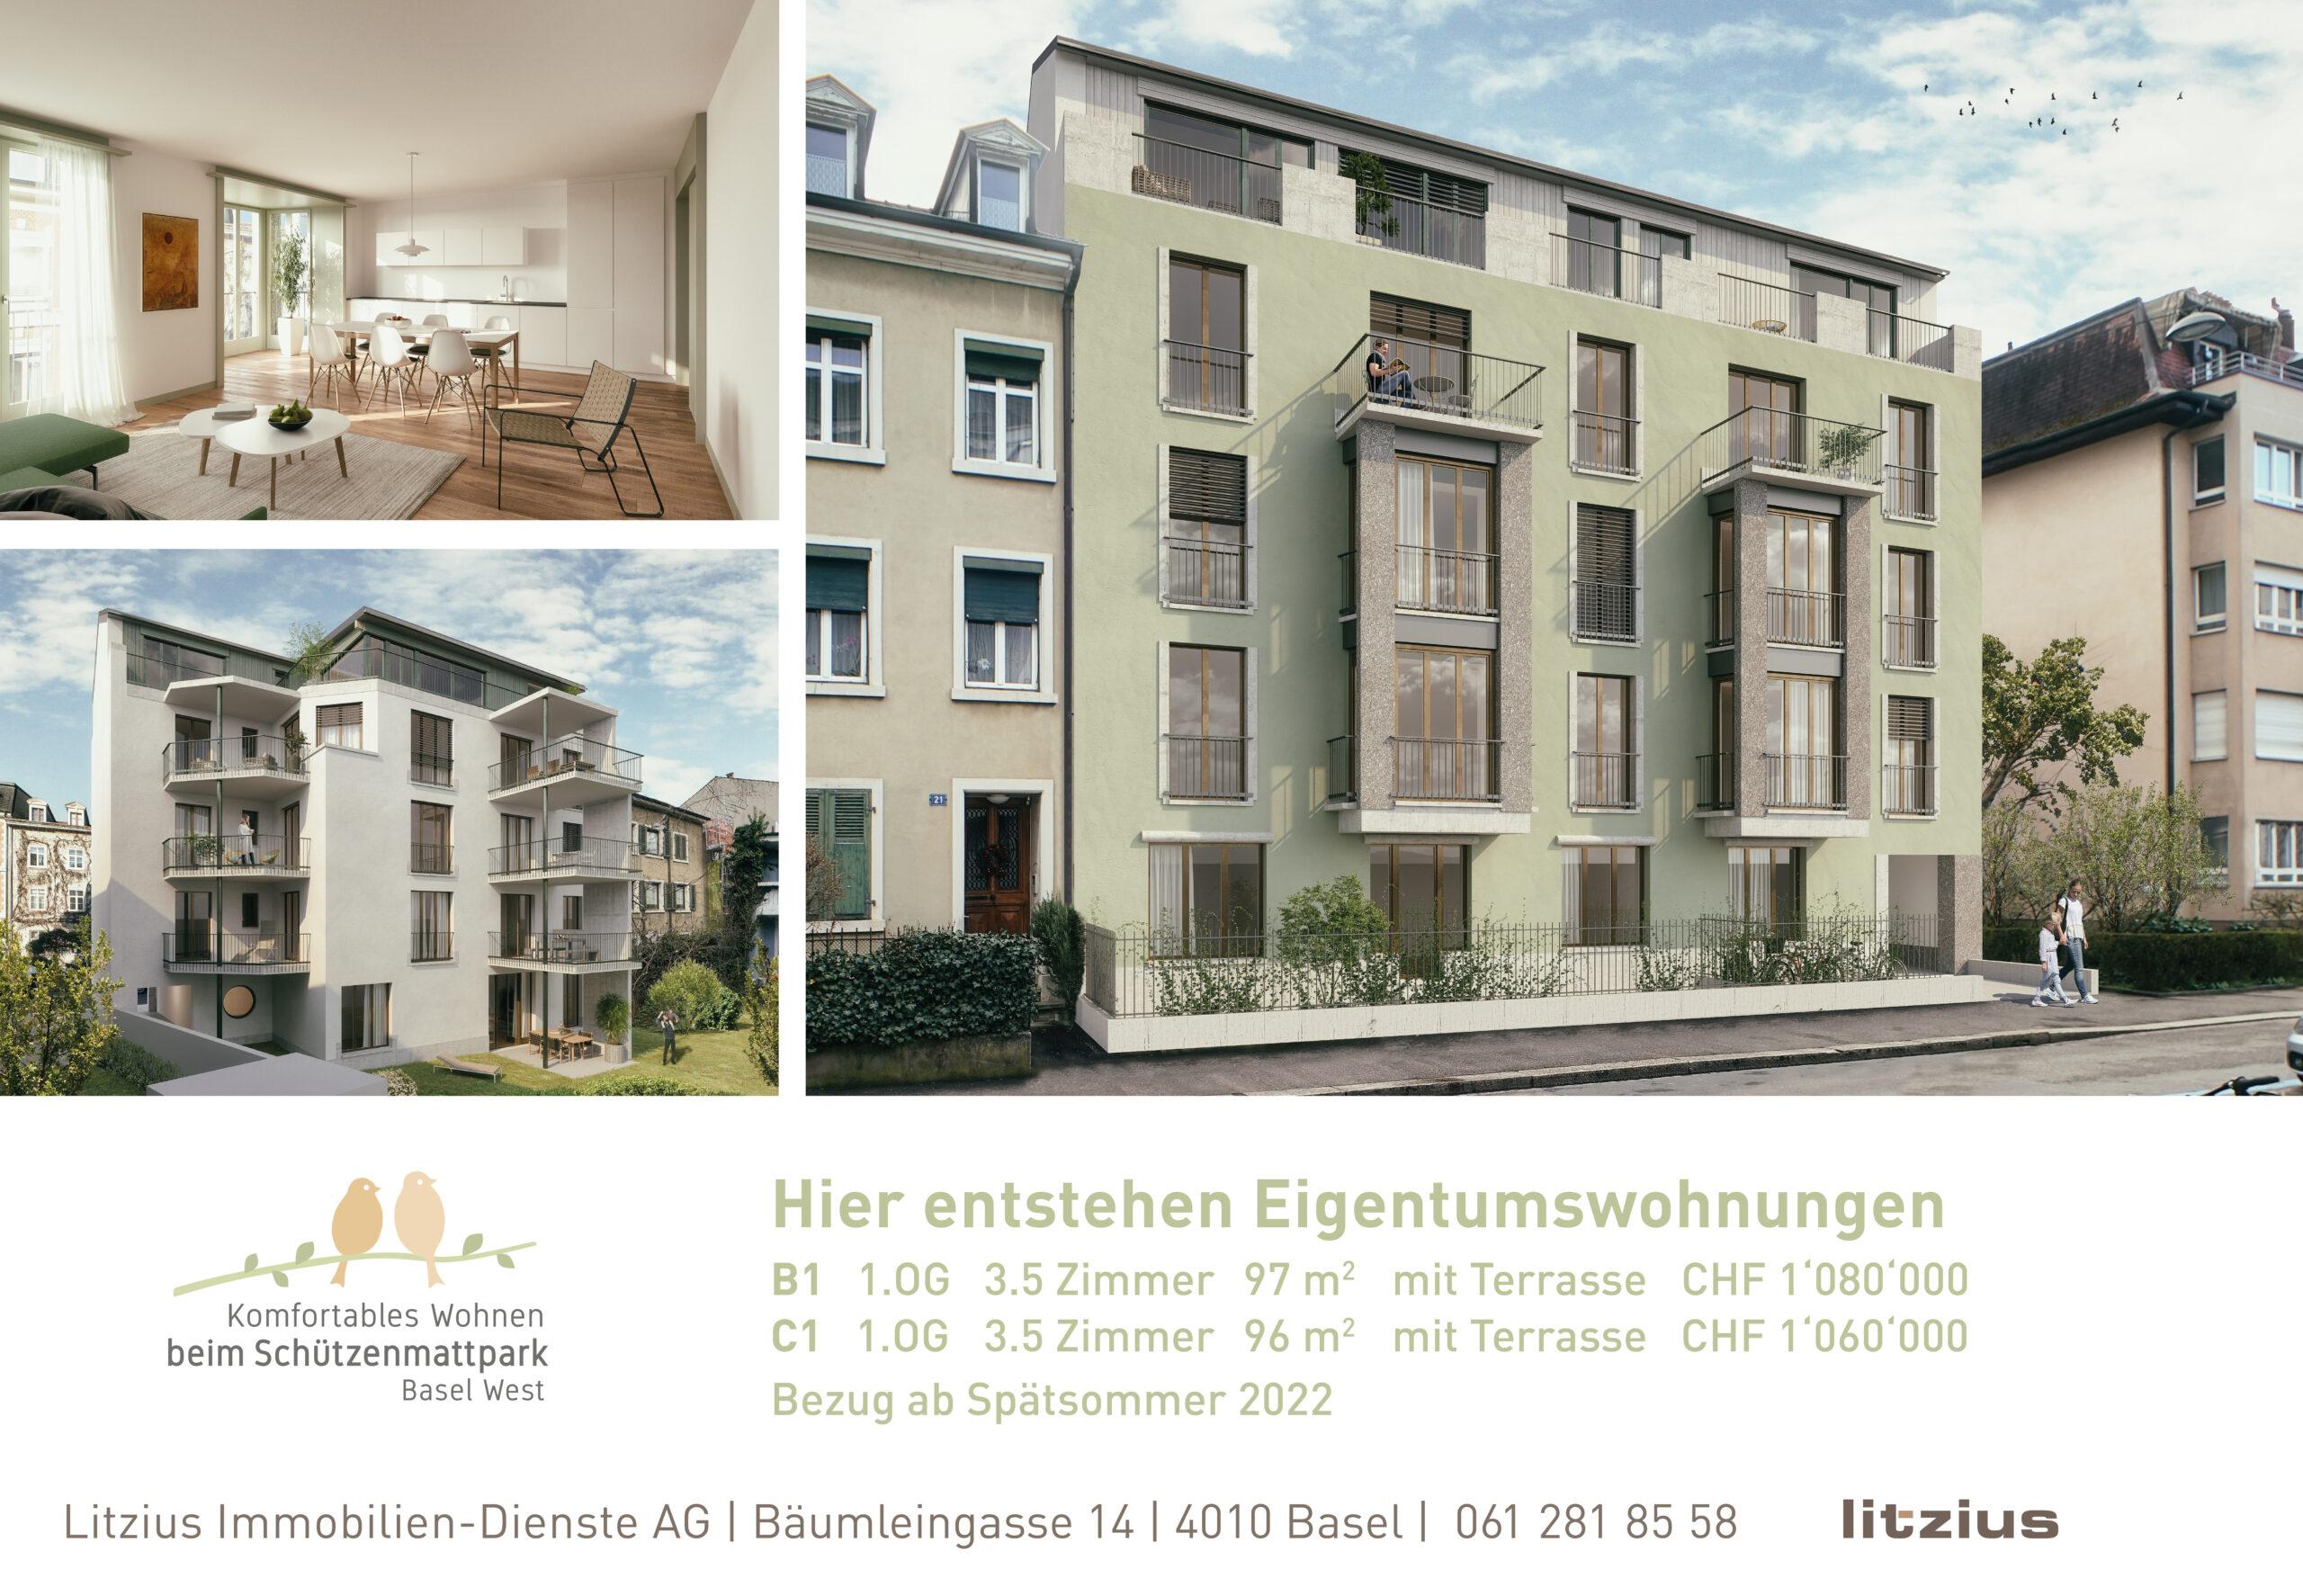 Bautafel_Rudolfstrasse